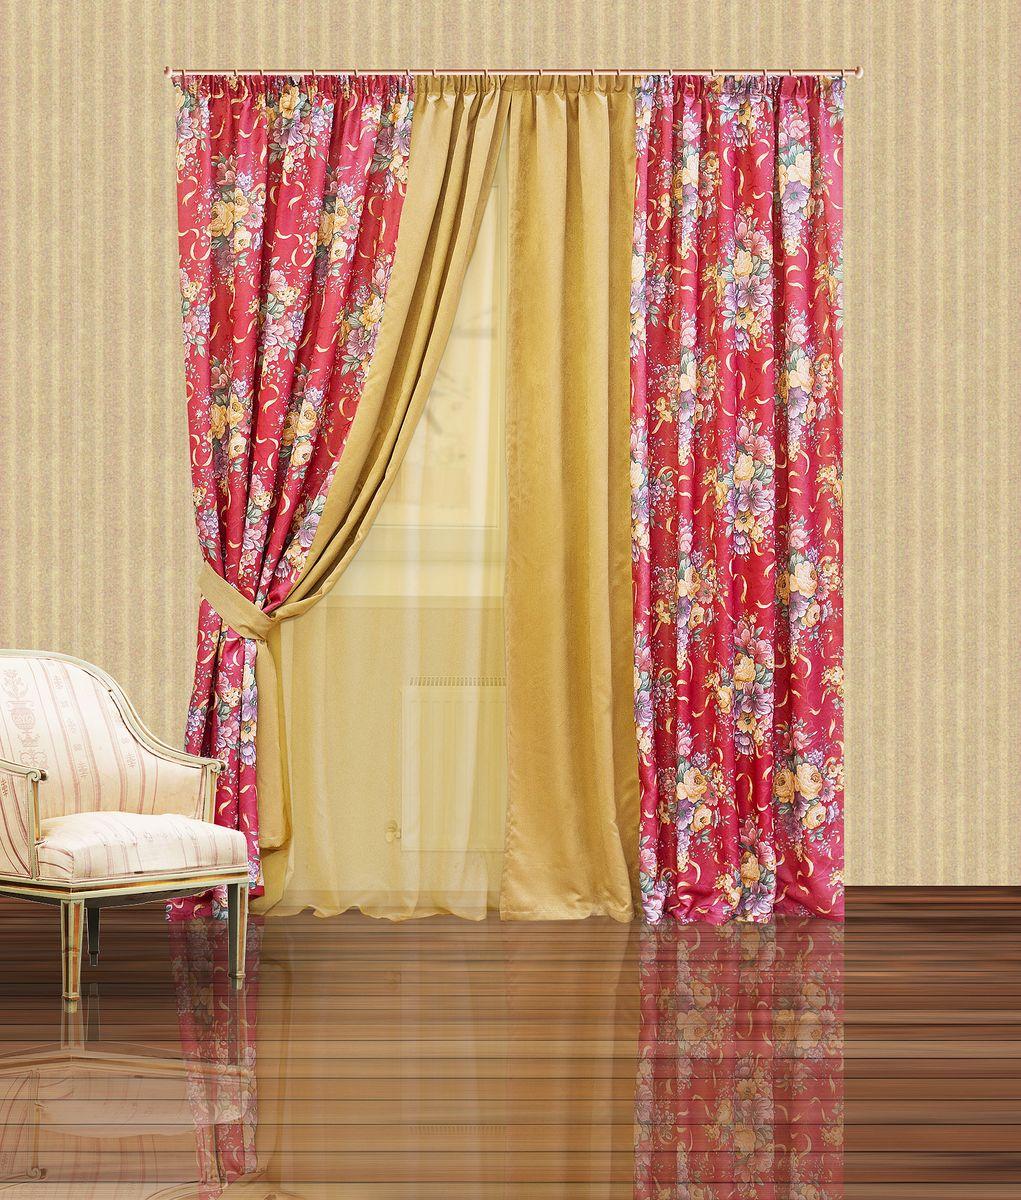 Комплект штор Zlata Korunka, на ленте, цвет: бордовый, бежевый, высота 250 см. 5555710260Комплект штор Zlata Korunka, выполненный из полиэстера, великолепно украсит любое окно. Комплект состоит из тюля, двух штор и двух подхватов. Крупный цветочный рисунок и приятная цветовая гамма привлекут к себе внимание и органично впишутся в интерьер помещения. Этот комплект будет долгое время радовать вас и вашу семью!Комплект крепится на карниз при помощи ленты, которая поможет красиво и равномерно задрапировать верх.В комплект входит: Тюль: 1 шт. Размер (Ш х В): 400 х 250 см. Штора: 2 шт. Размер (Ш х В): 200 х 250 см.Подхват: 2 шт. Размер (Ш х Д): 10 х 60 см.